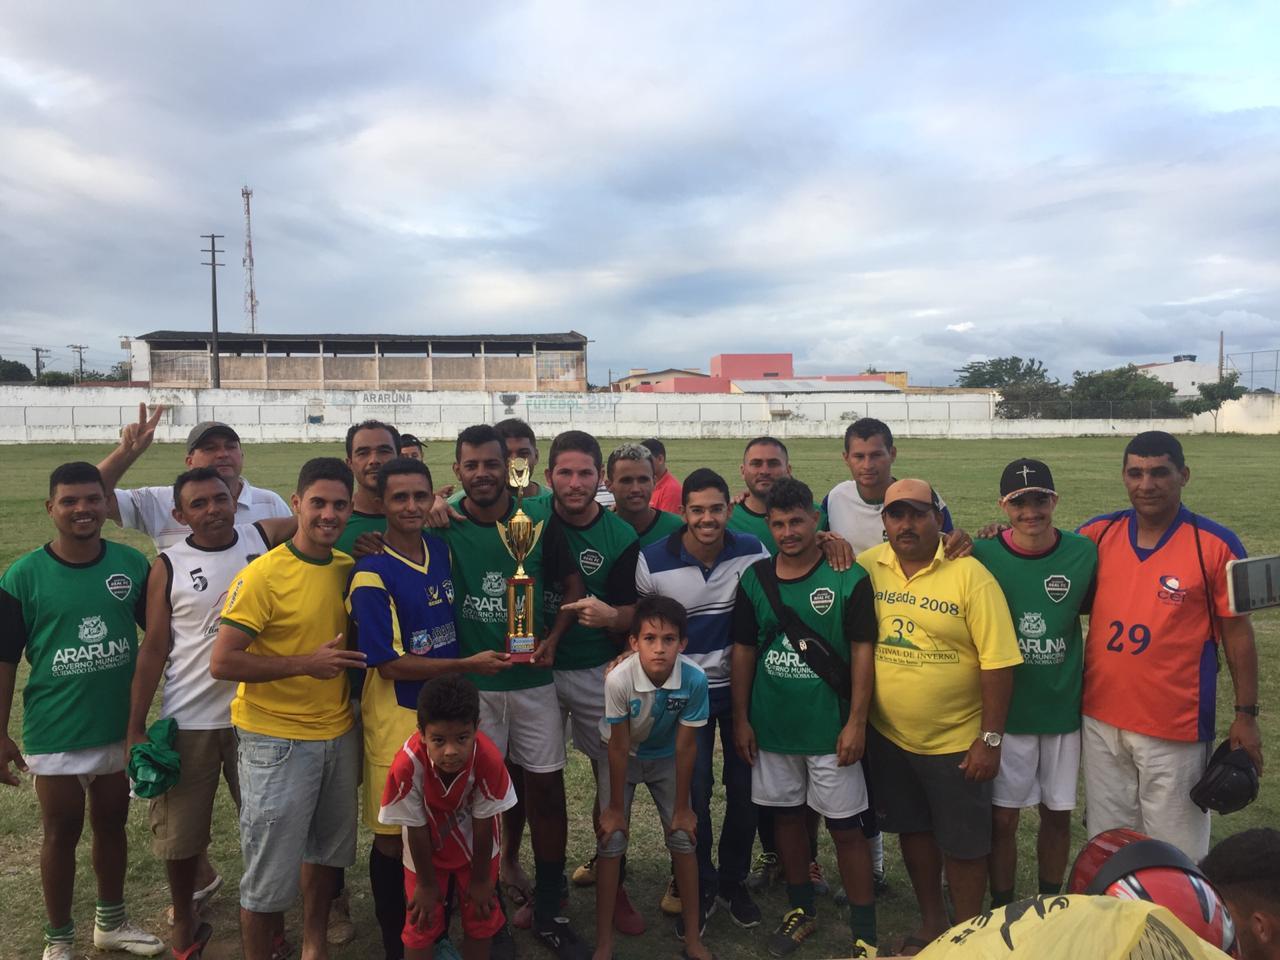 Atlético Real vence 'Torneio Início do Campeonato Municipal de Futebol' em Araruna